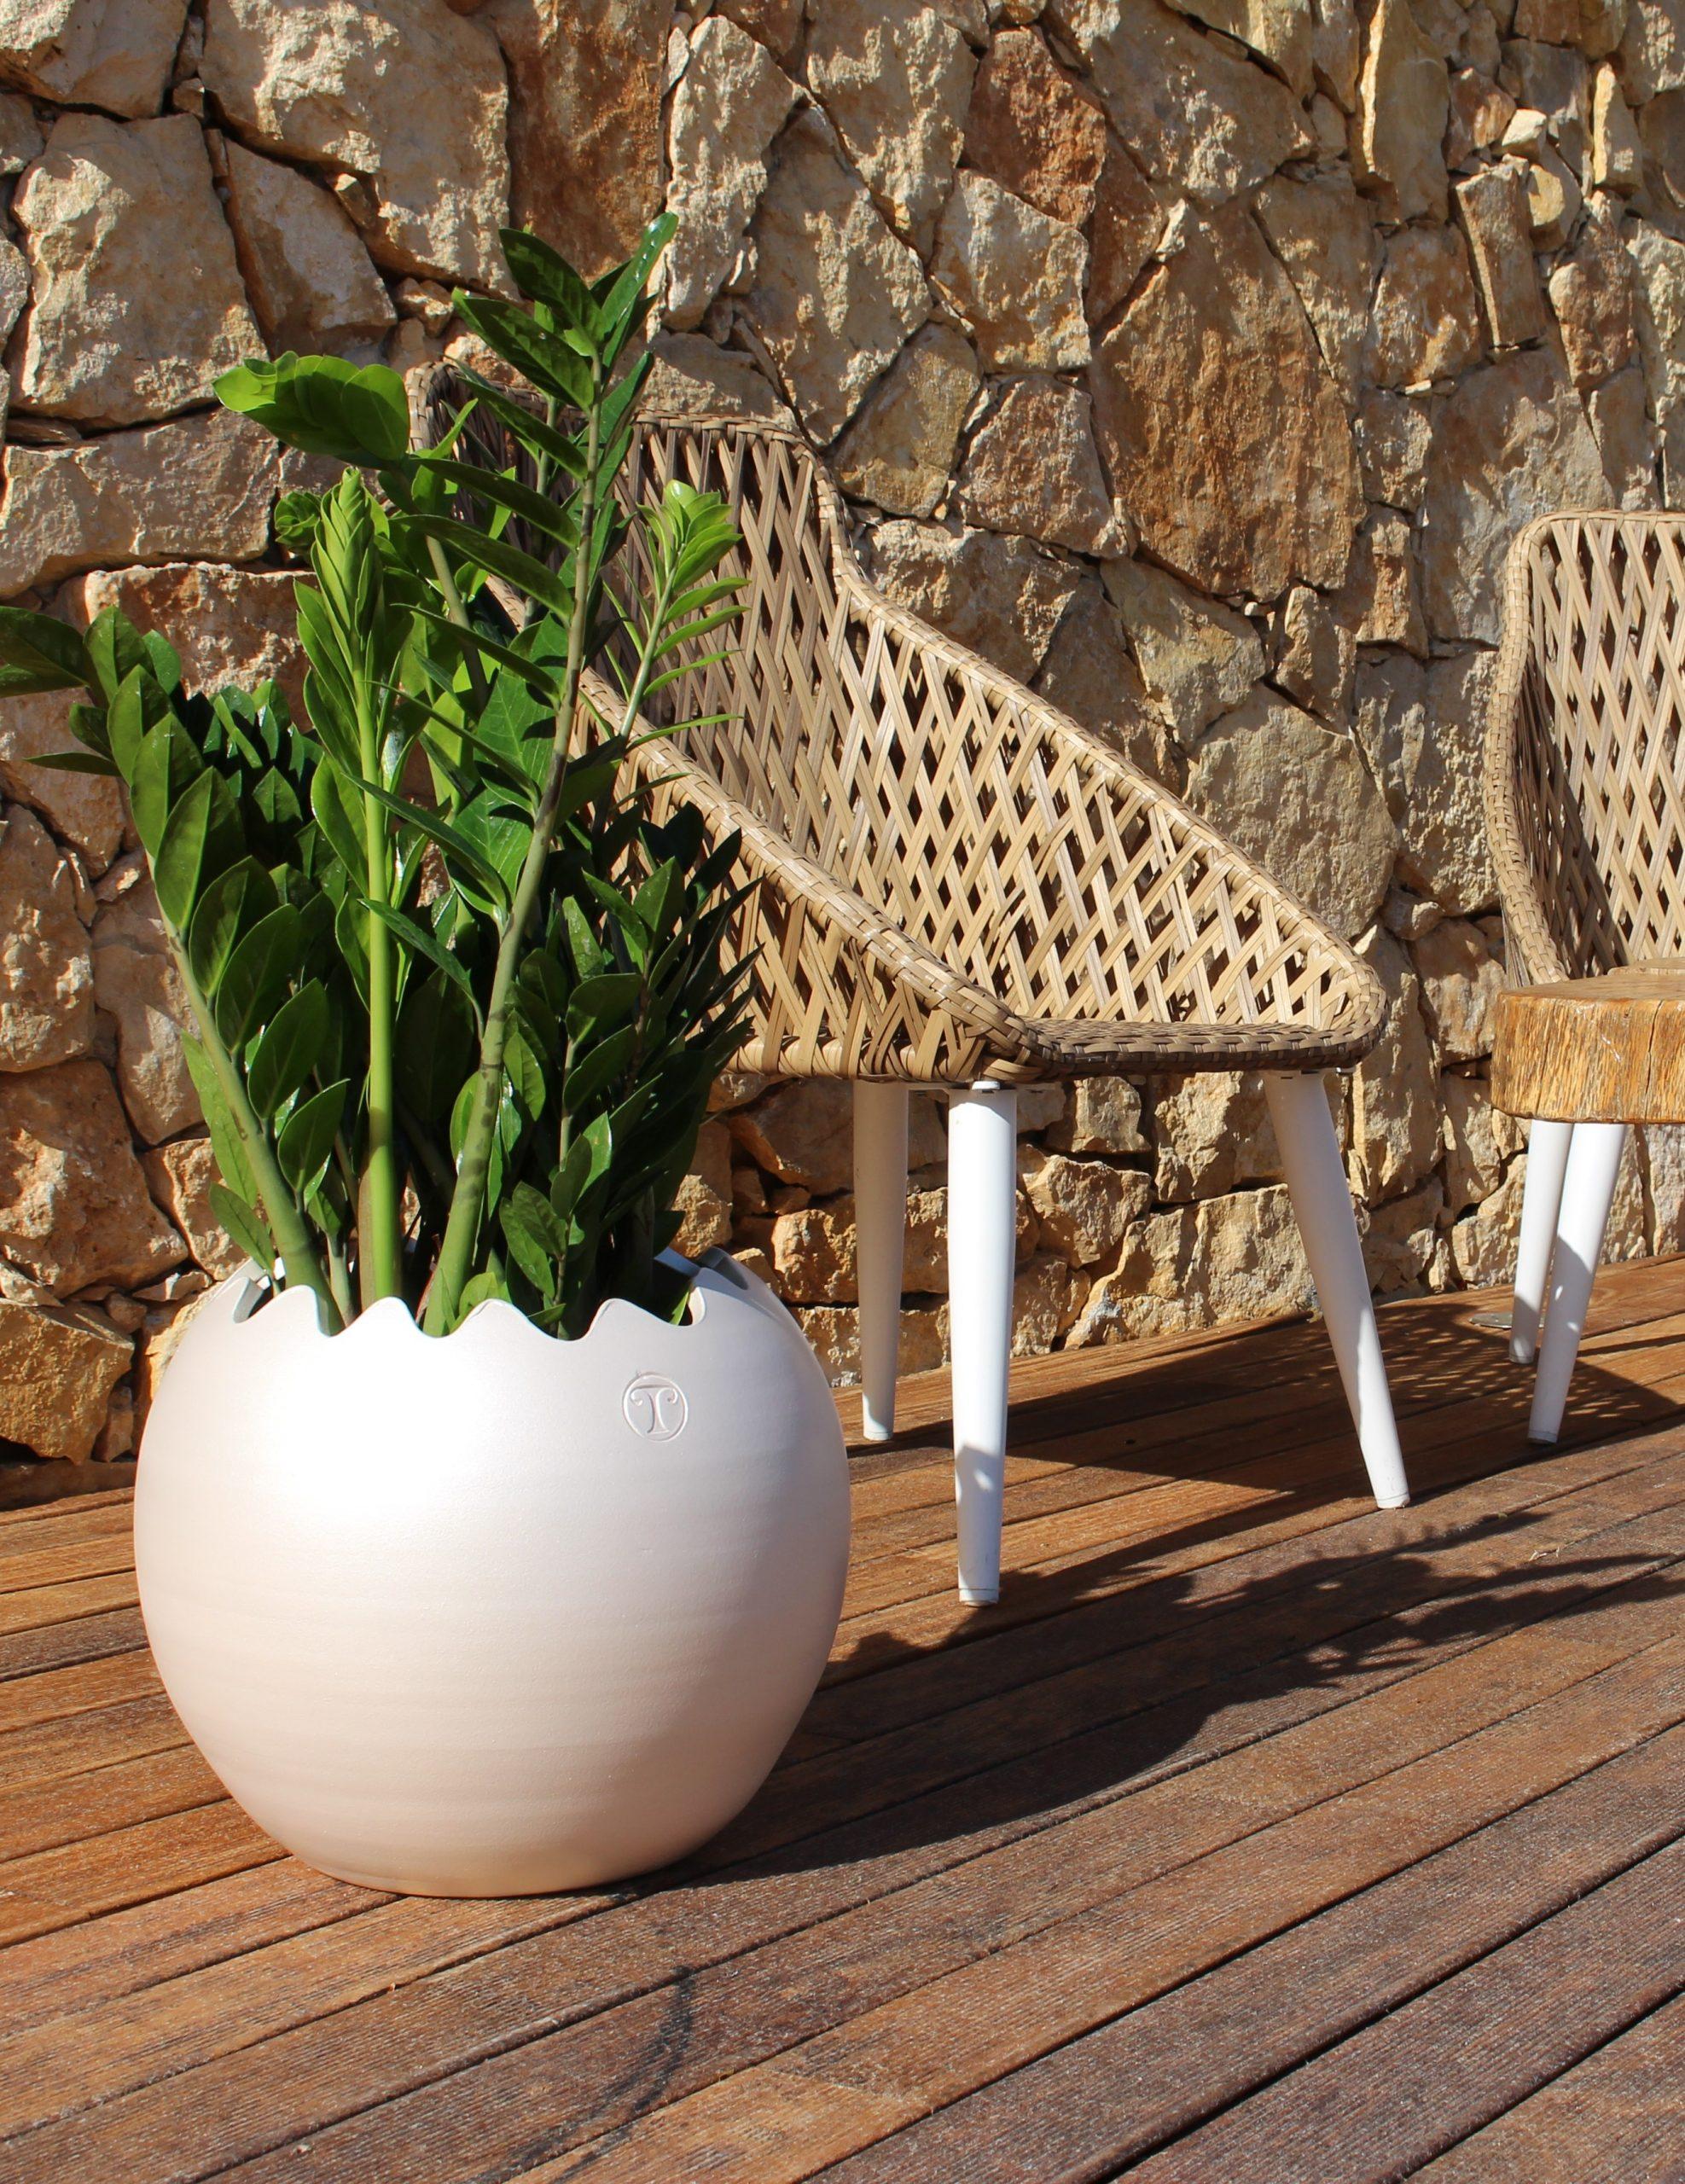 MonPotDECO, faites le choix d'un pot unique et artisanal pour vos plantes